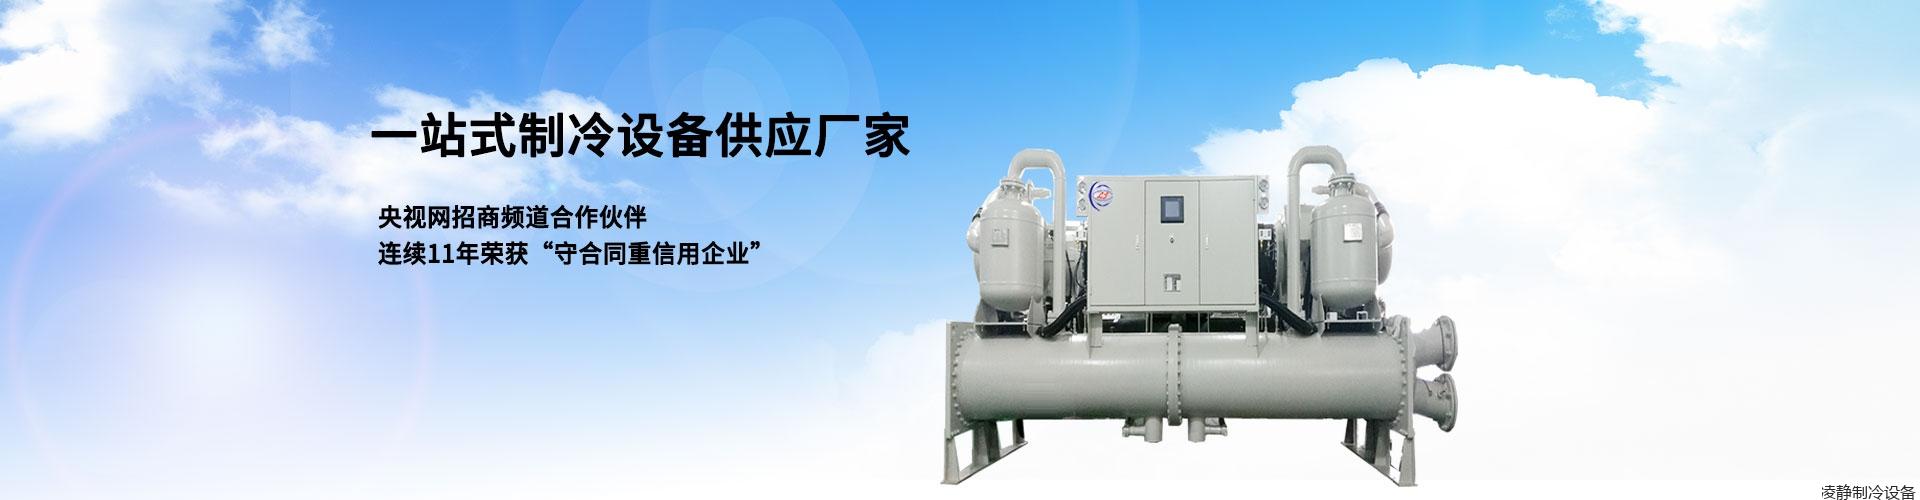 风冷螺杆冷水机   螺杆冷却机    水冷一体式冷水机 冷冻机